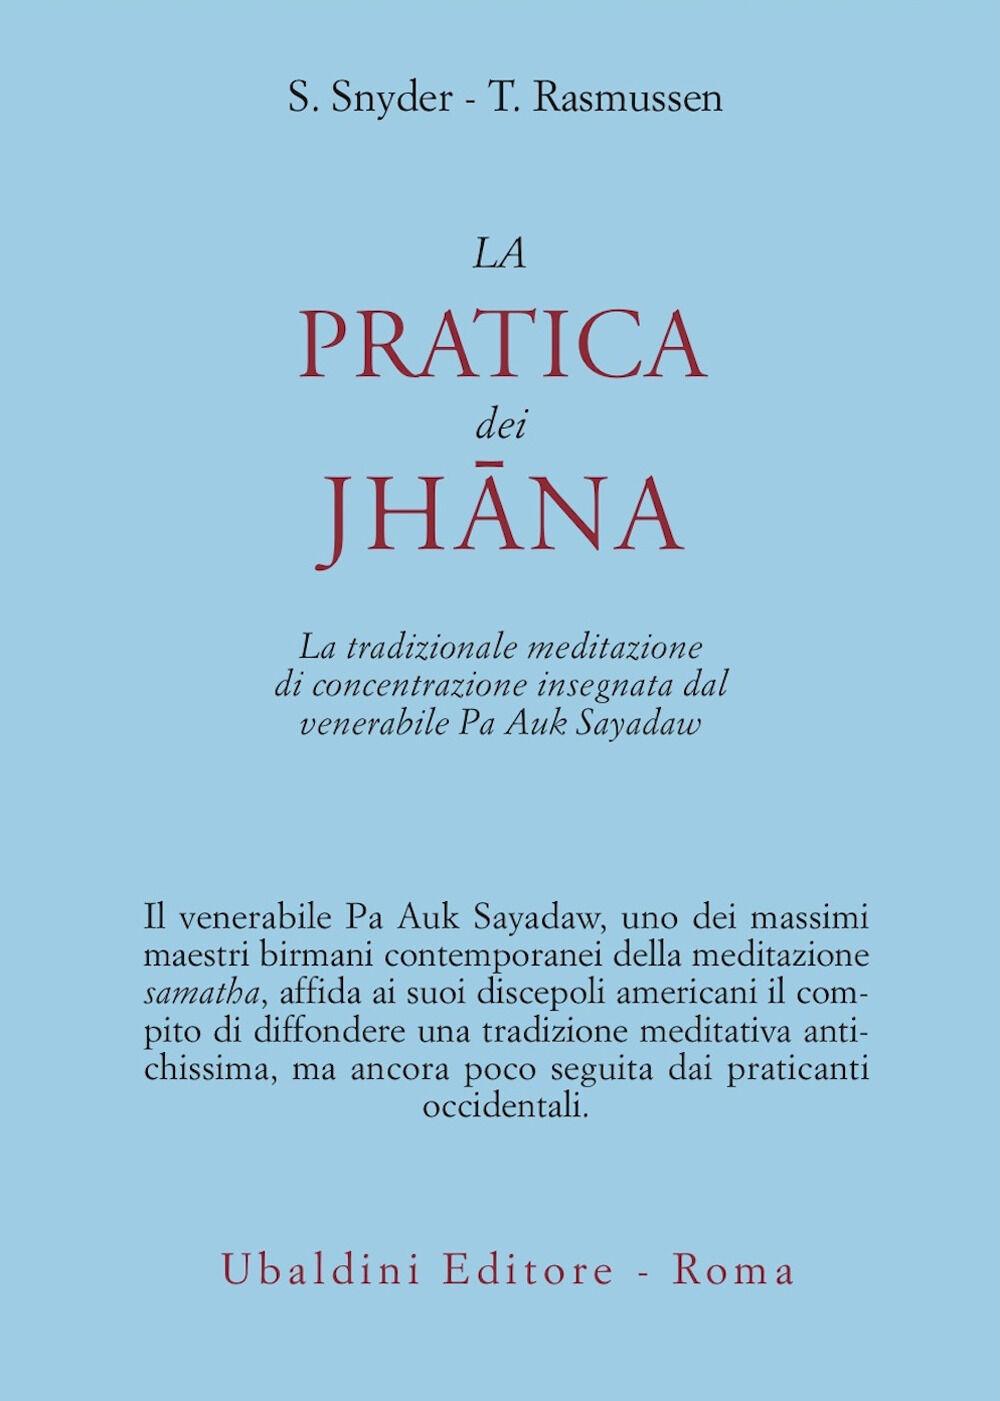 La pratica dei Jhana. La tradizionale meditazione di concentrazione insegnata dal venerabile Pa Auk Sayadaw